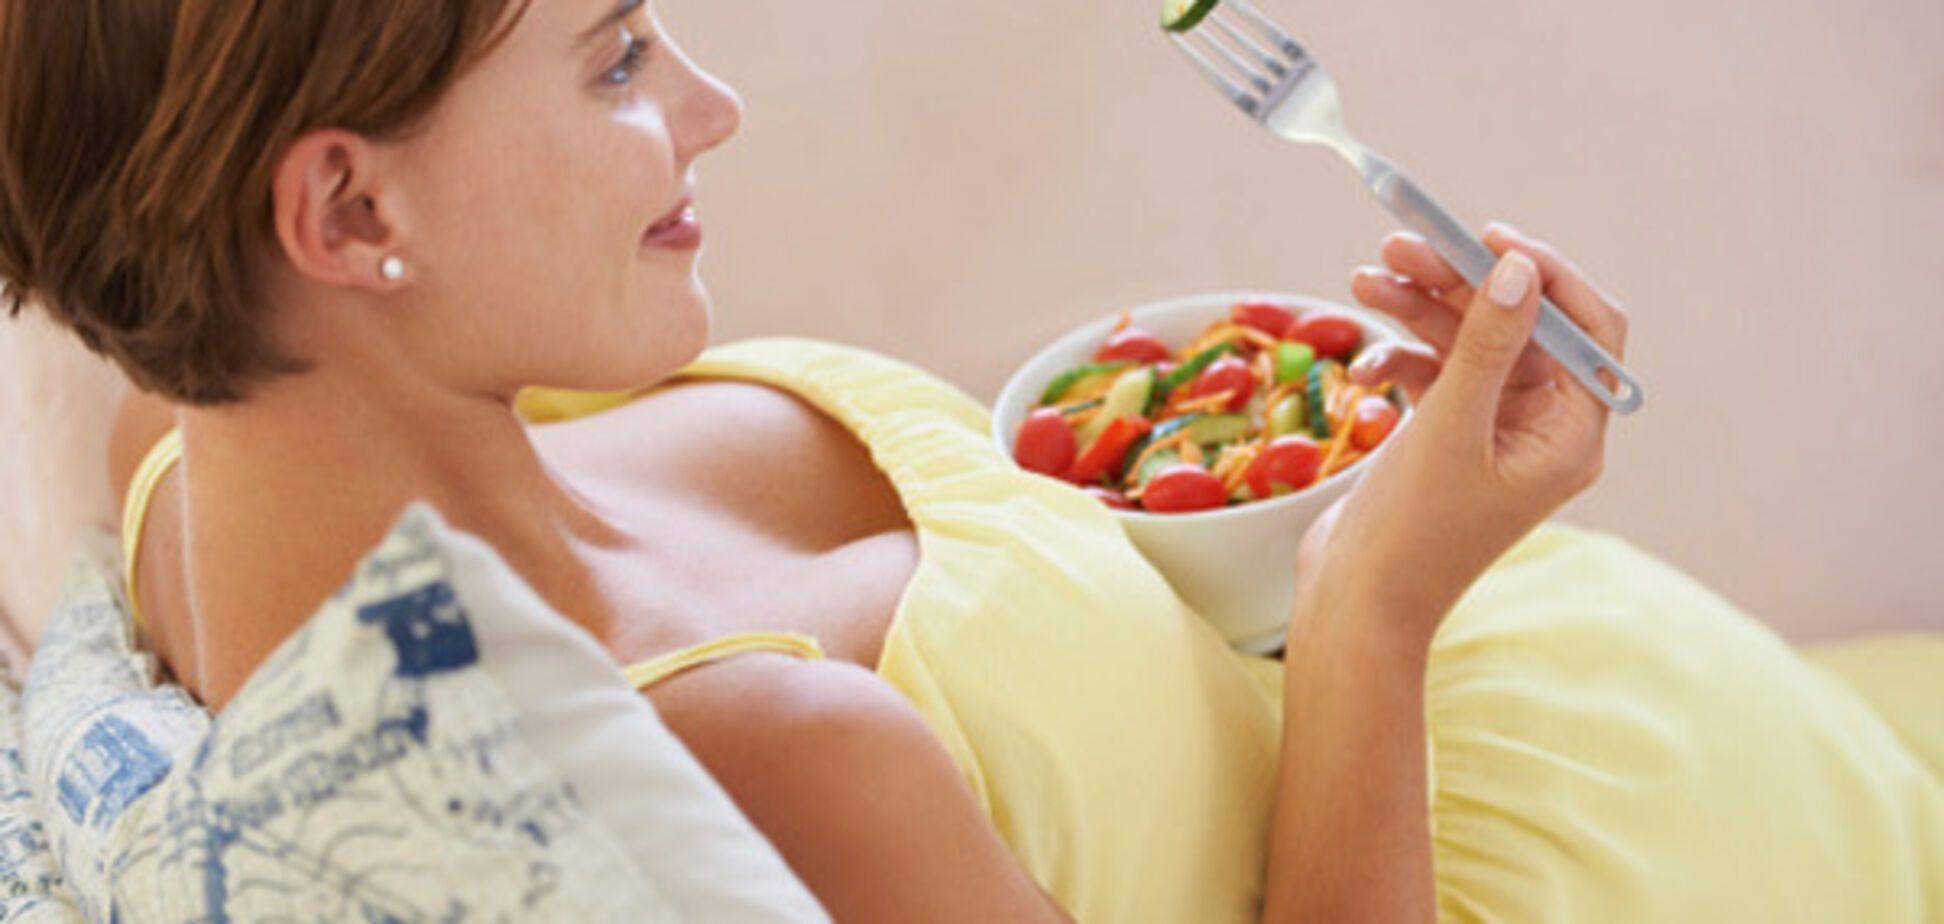 Фрукты и овощи во время беременности могут быть опасны для здоровья малыша